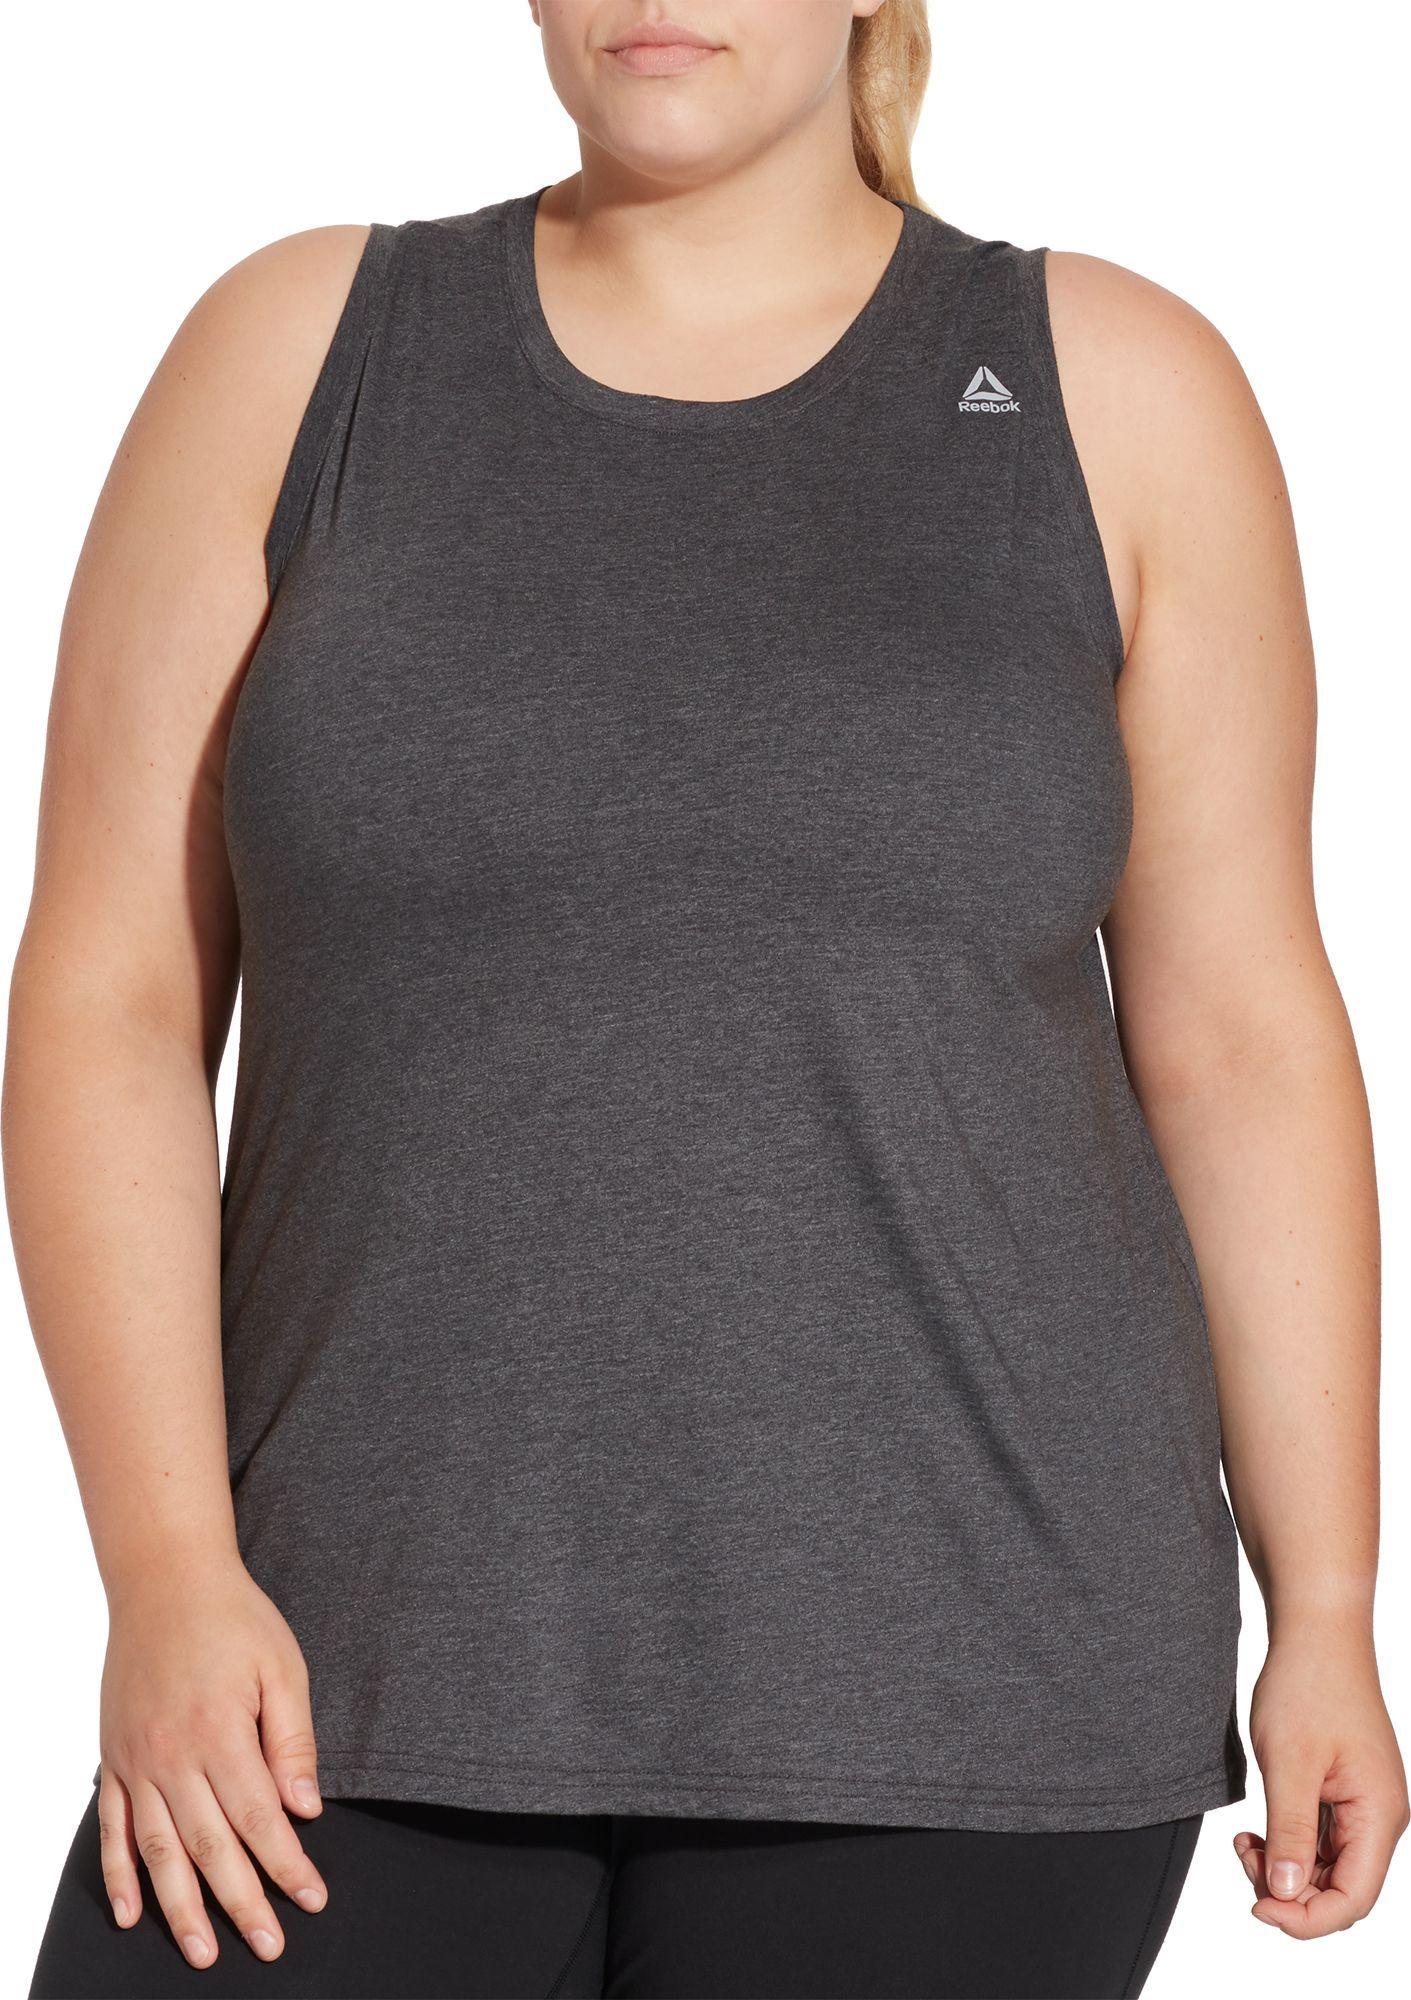 096b46ac Reebok Women's Plus Size Heather Jersey Tank Top, Dgh Single Dye